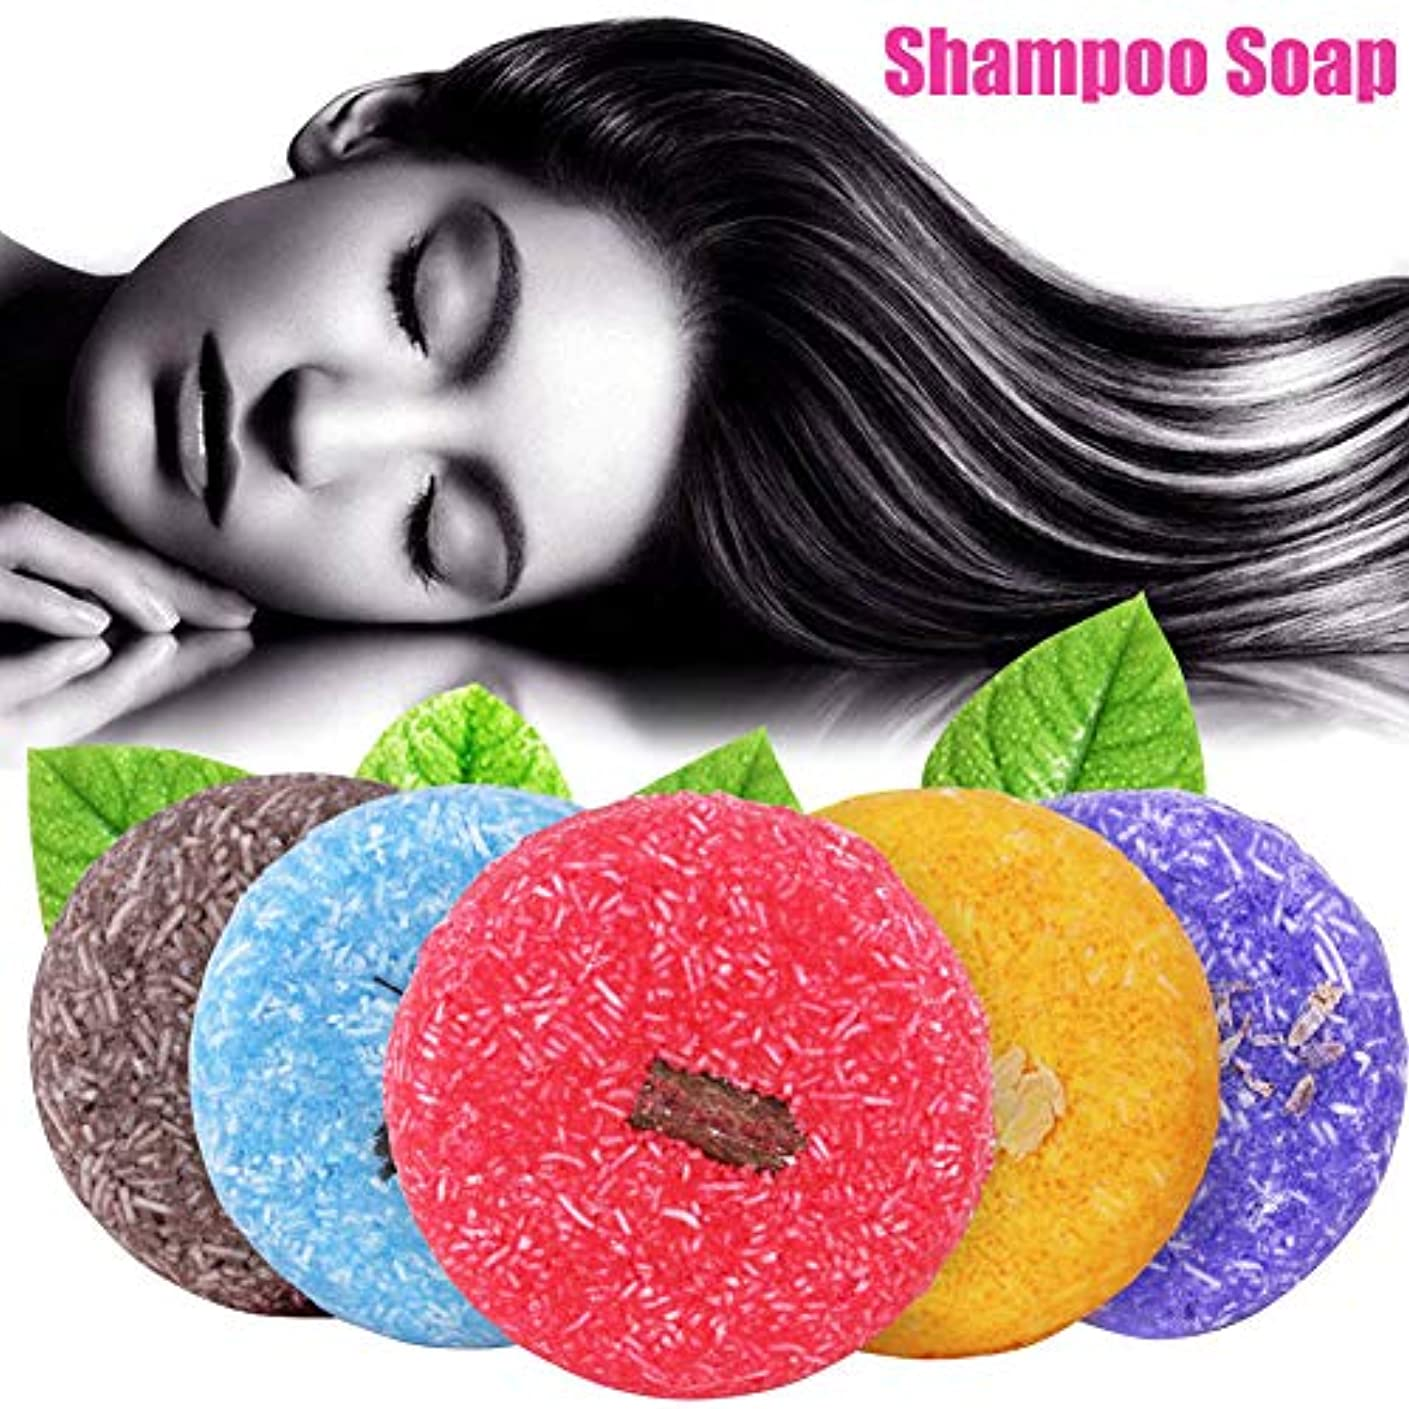 とげのある絶壁粘着性石鹸 - Delaman 洗髪石鹸、シャンプー、頭皮ケア、ビューティ、クリームバー、センシティブマイルド、14種類、男女兼用 (Color : #4ジャスミン(JASMINE))